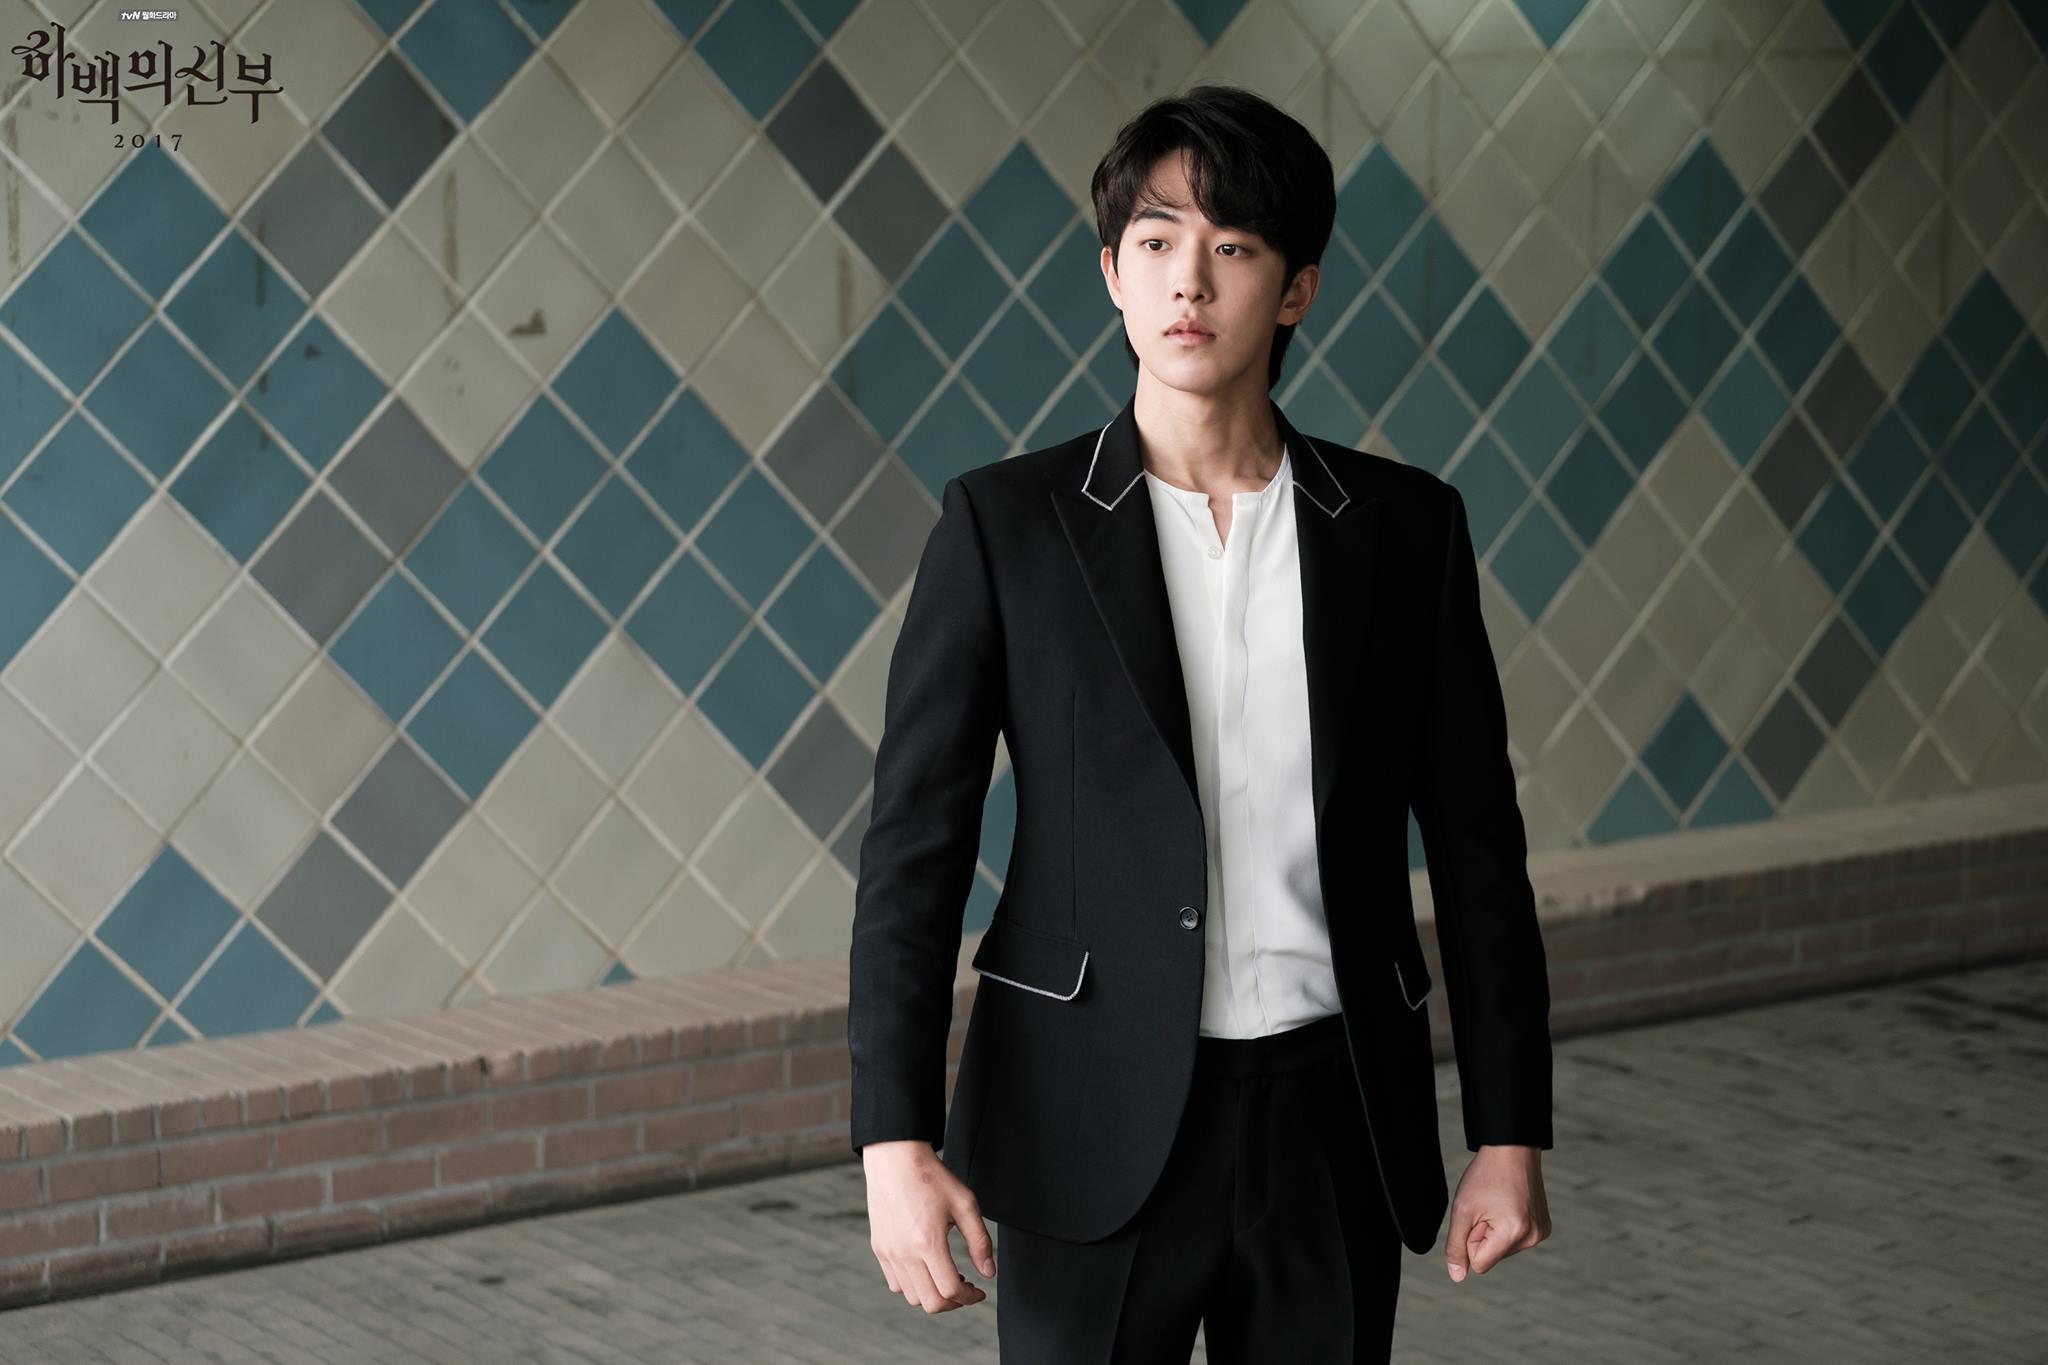 喜歡看劇的粉絲們~~~~距離tvN新劇《河伯的新娘2017》首播僅剩14天!最近官方也陸續釋出預告影片跟劇照,前陣子也公開五位主要角色的單人海報啦!